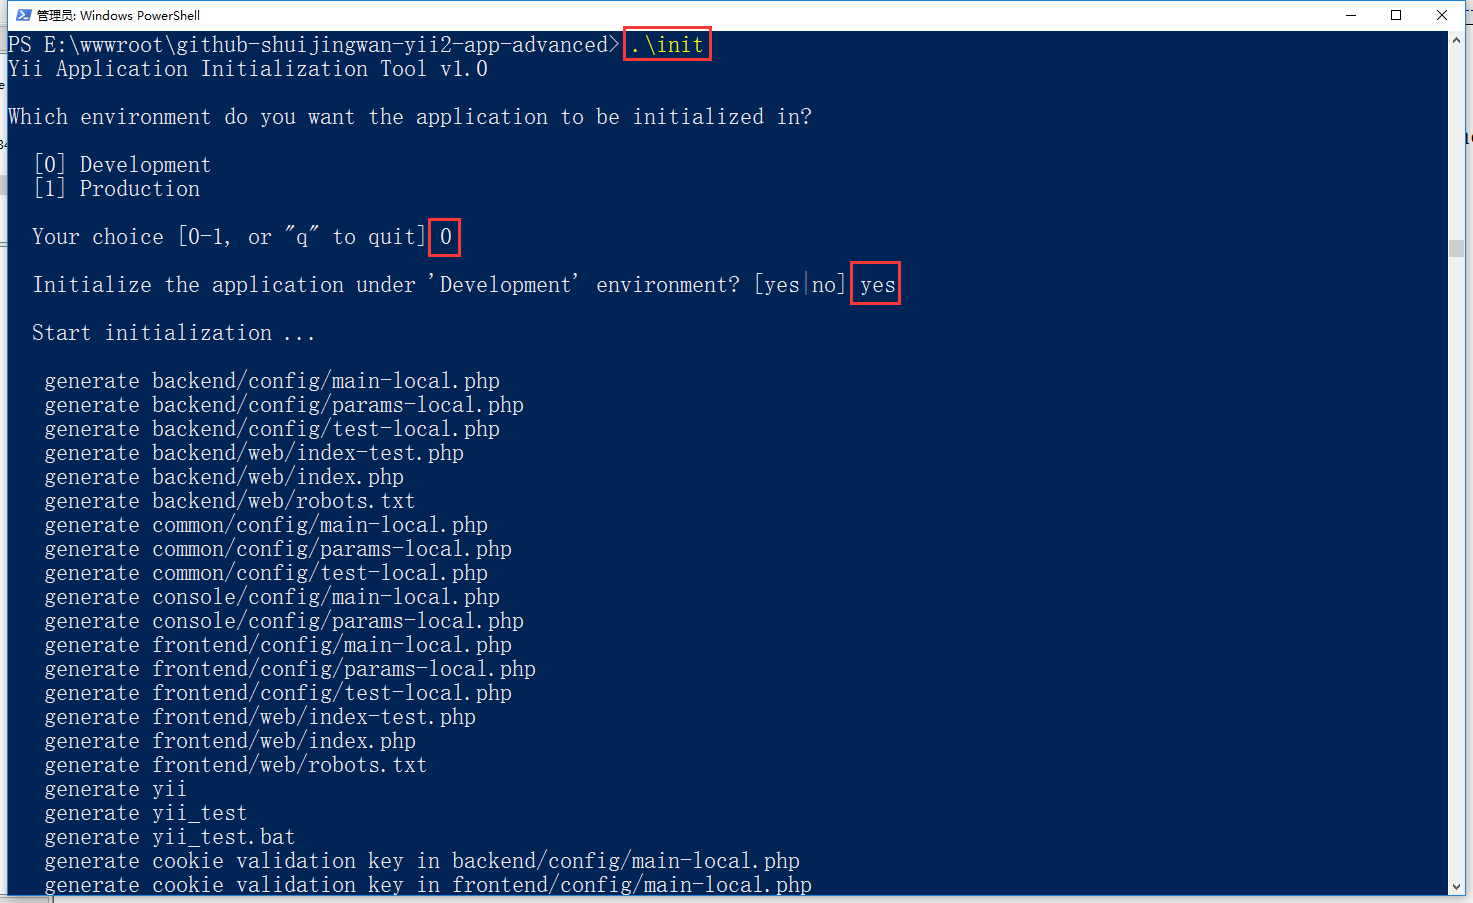 打开 Windows PowerShell,执行 init 命令并选择 dev 作为环境